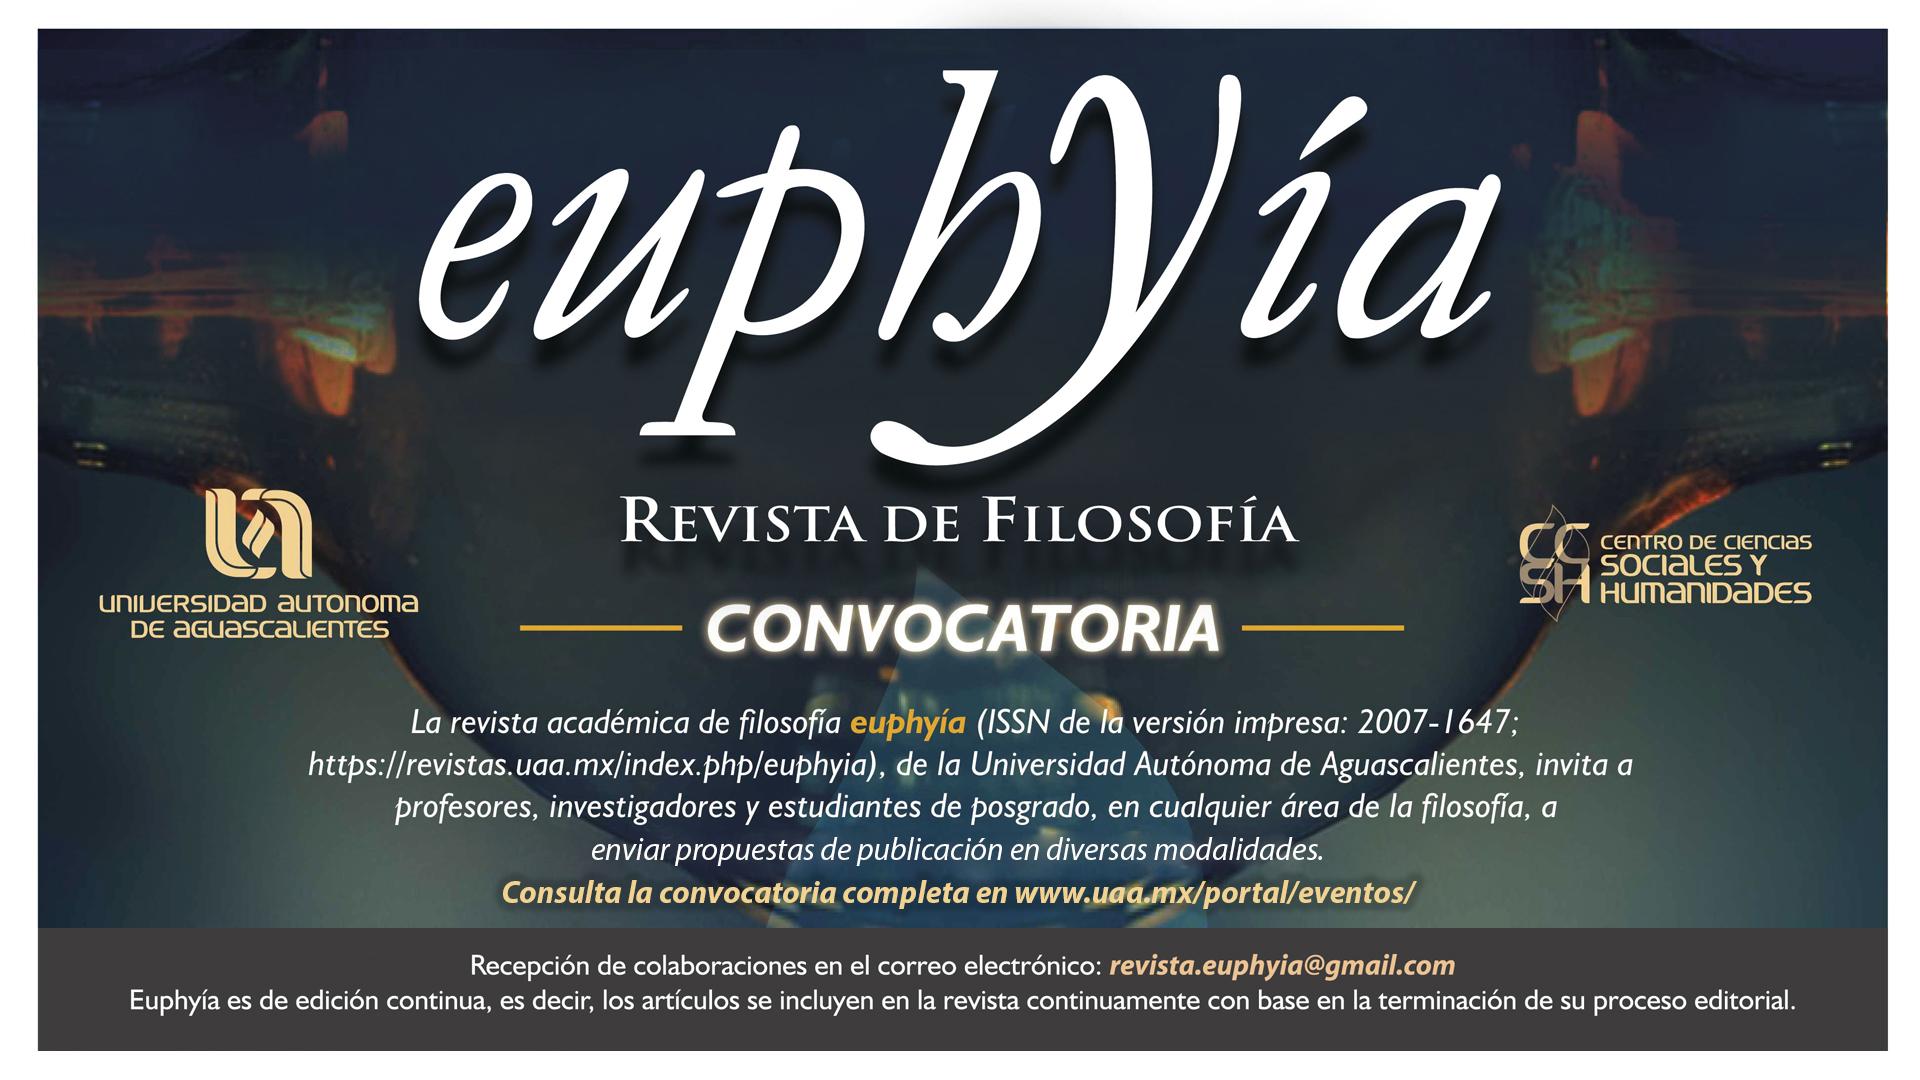 Convocatoria de la revista académica de filosofía Euphyía